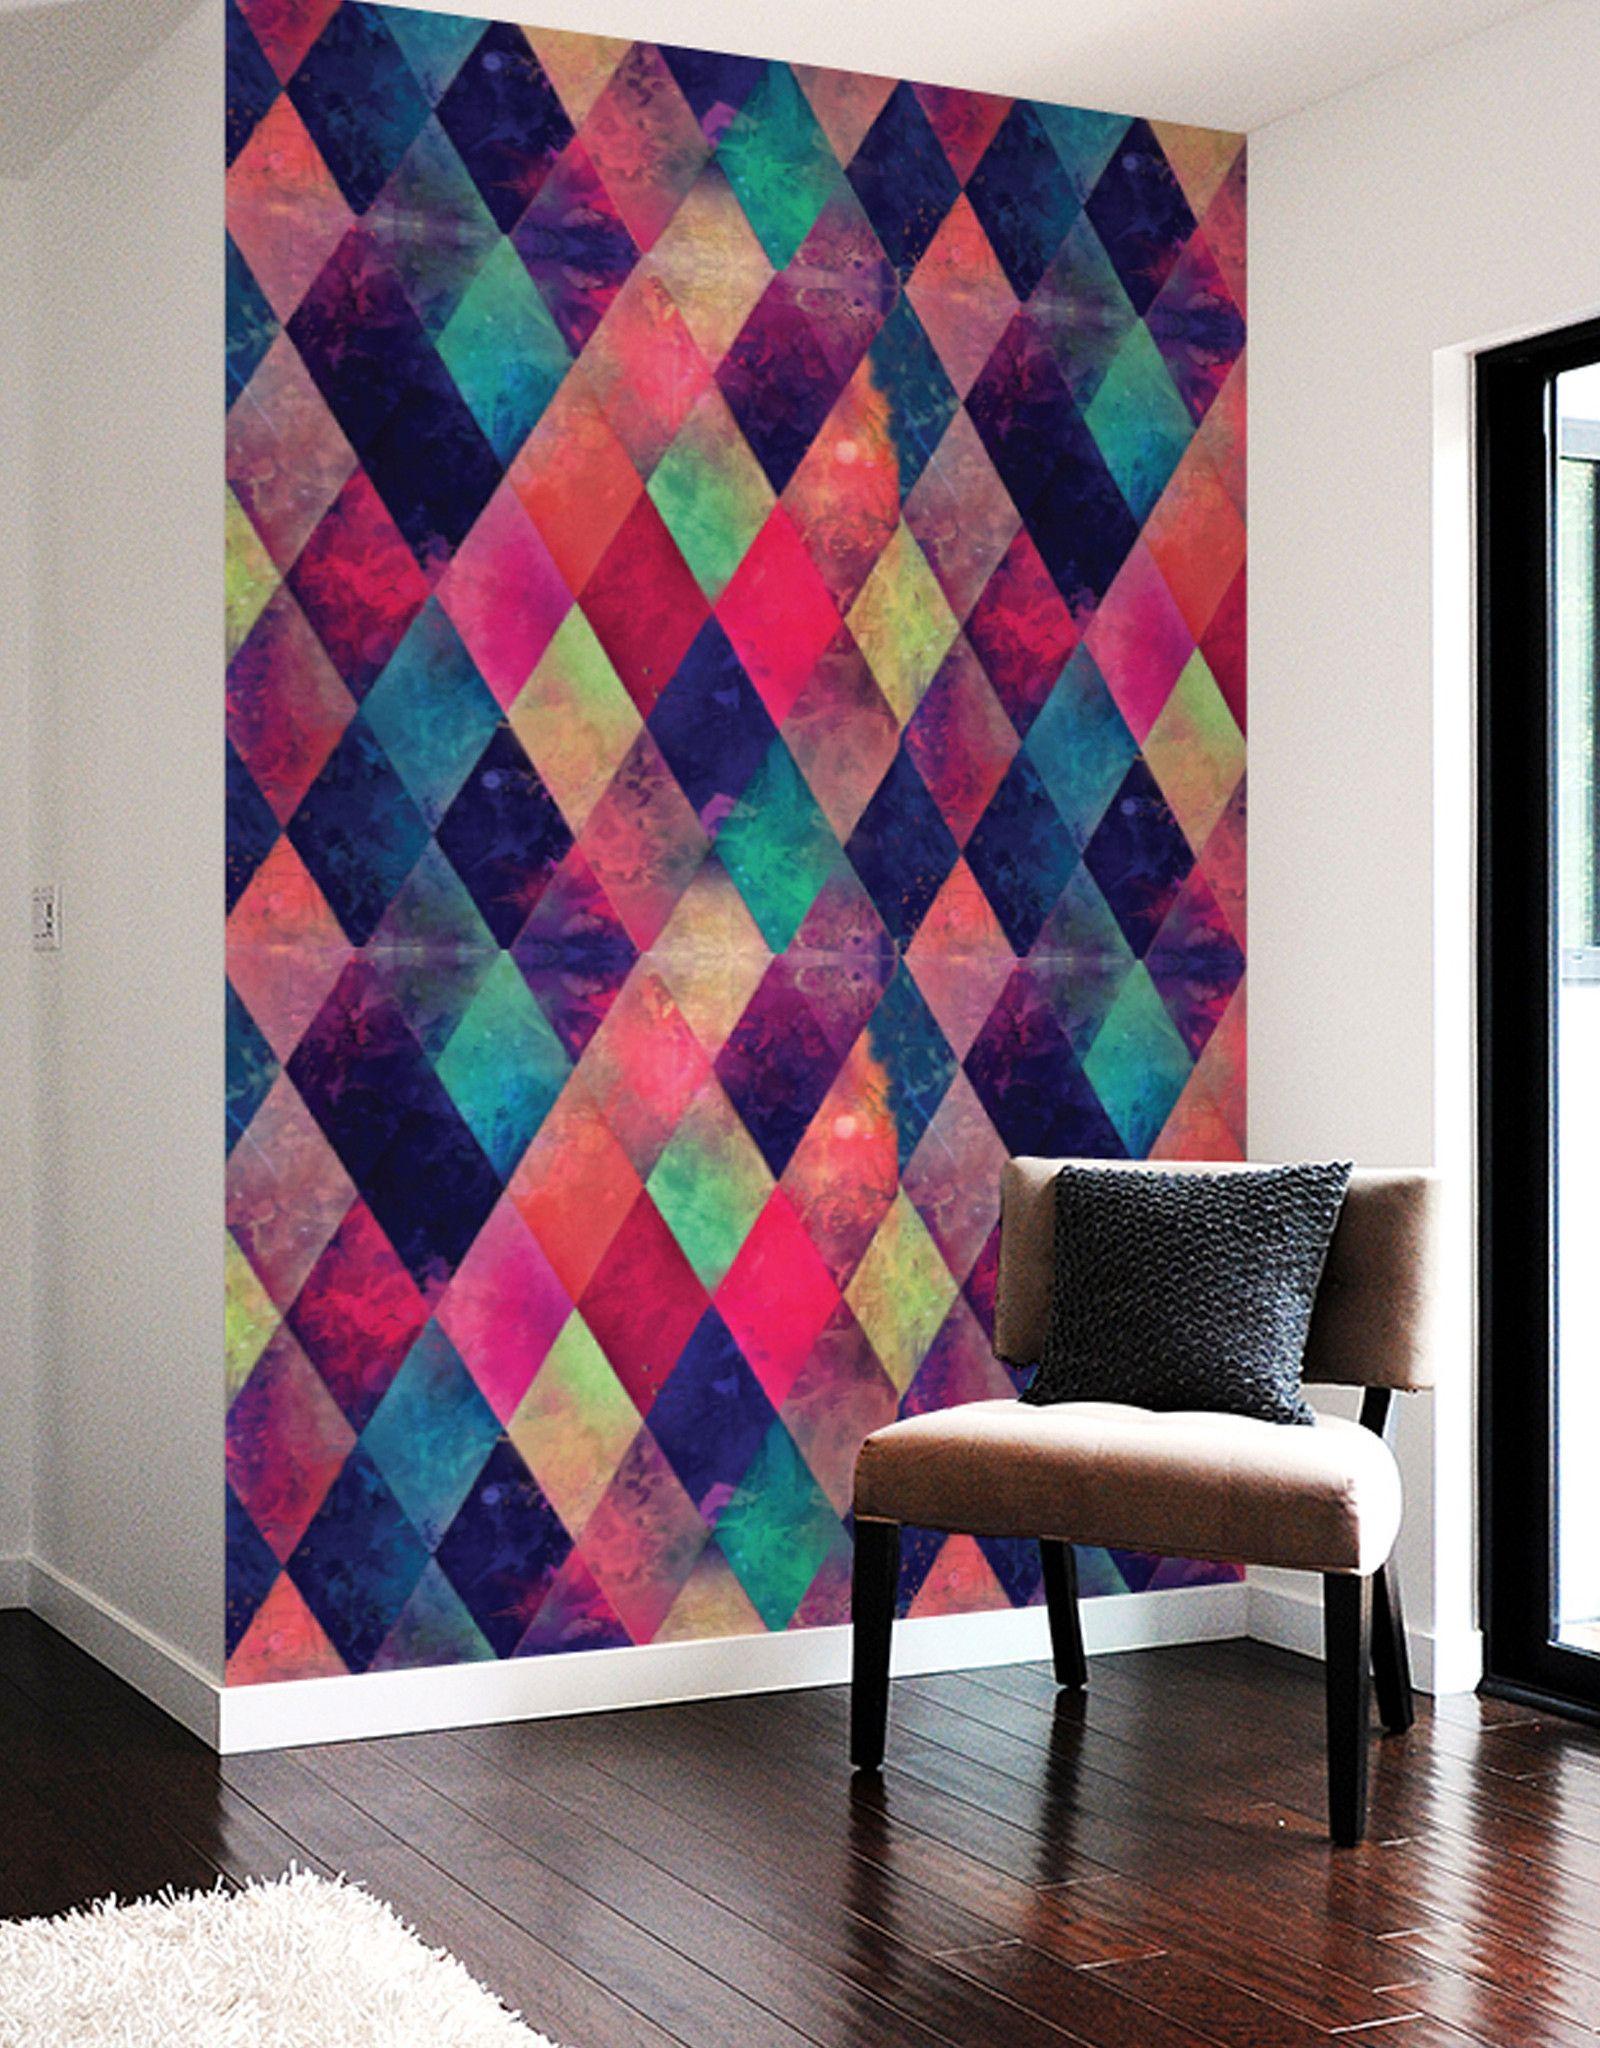 kytz t pygytyry Pattern Wall Tiles